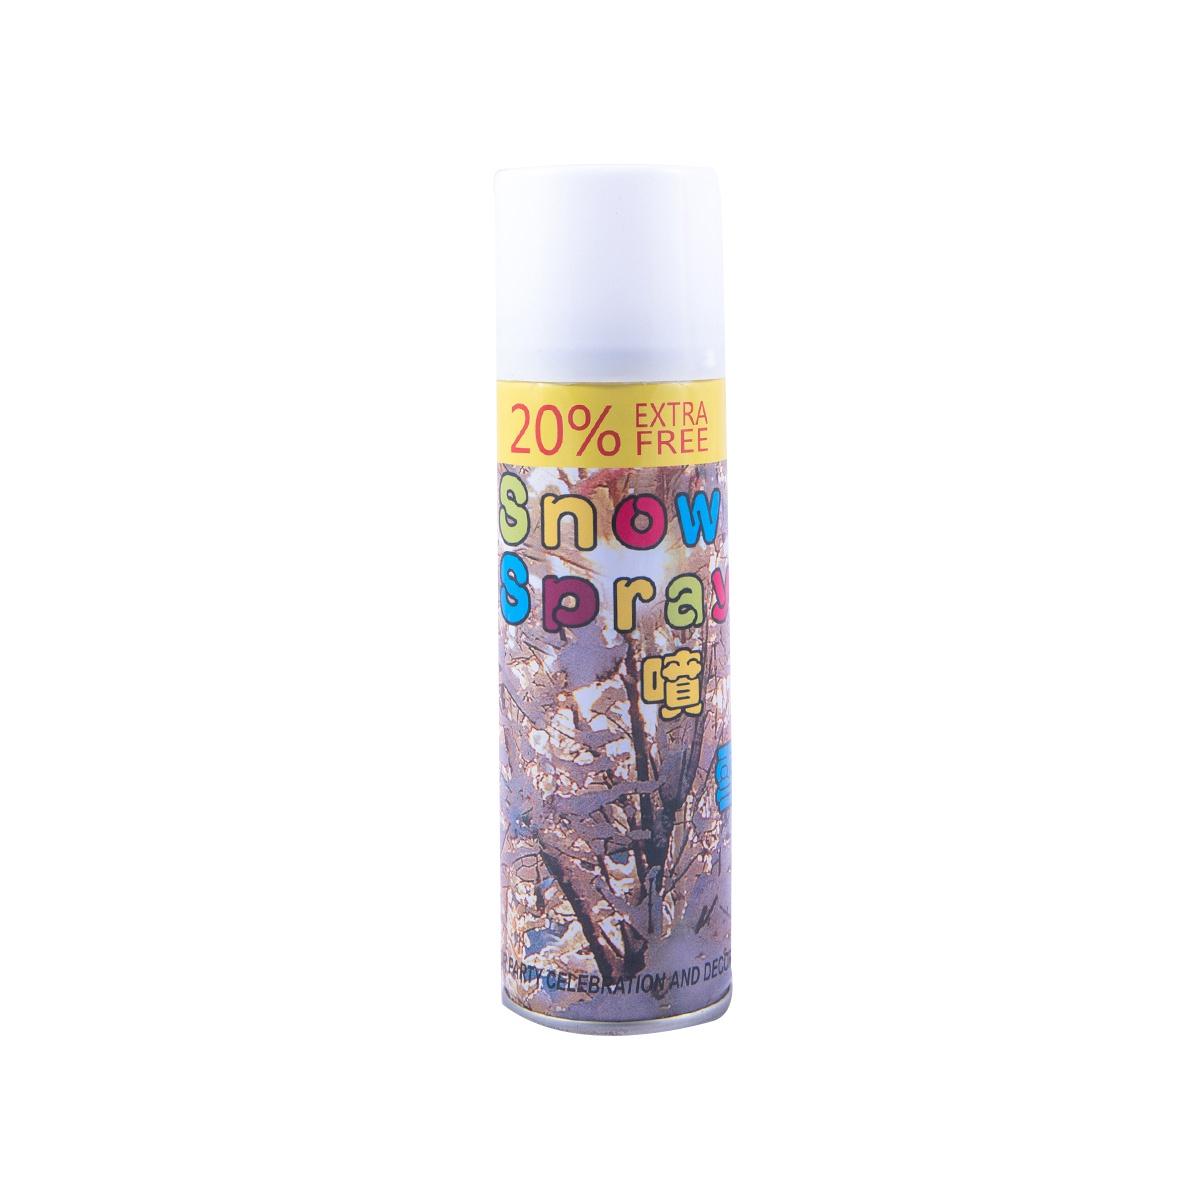 Ph Favors Snow Spray - in Sri Lanka